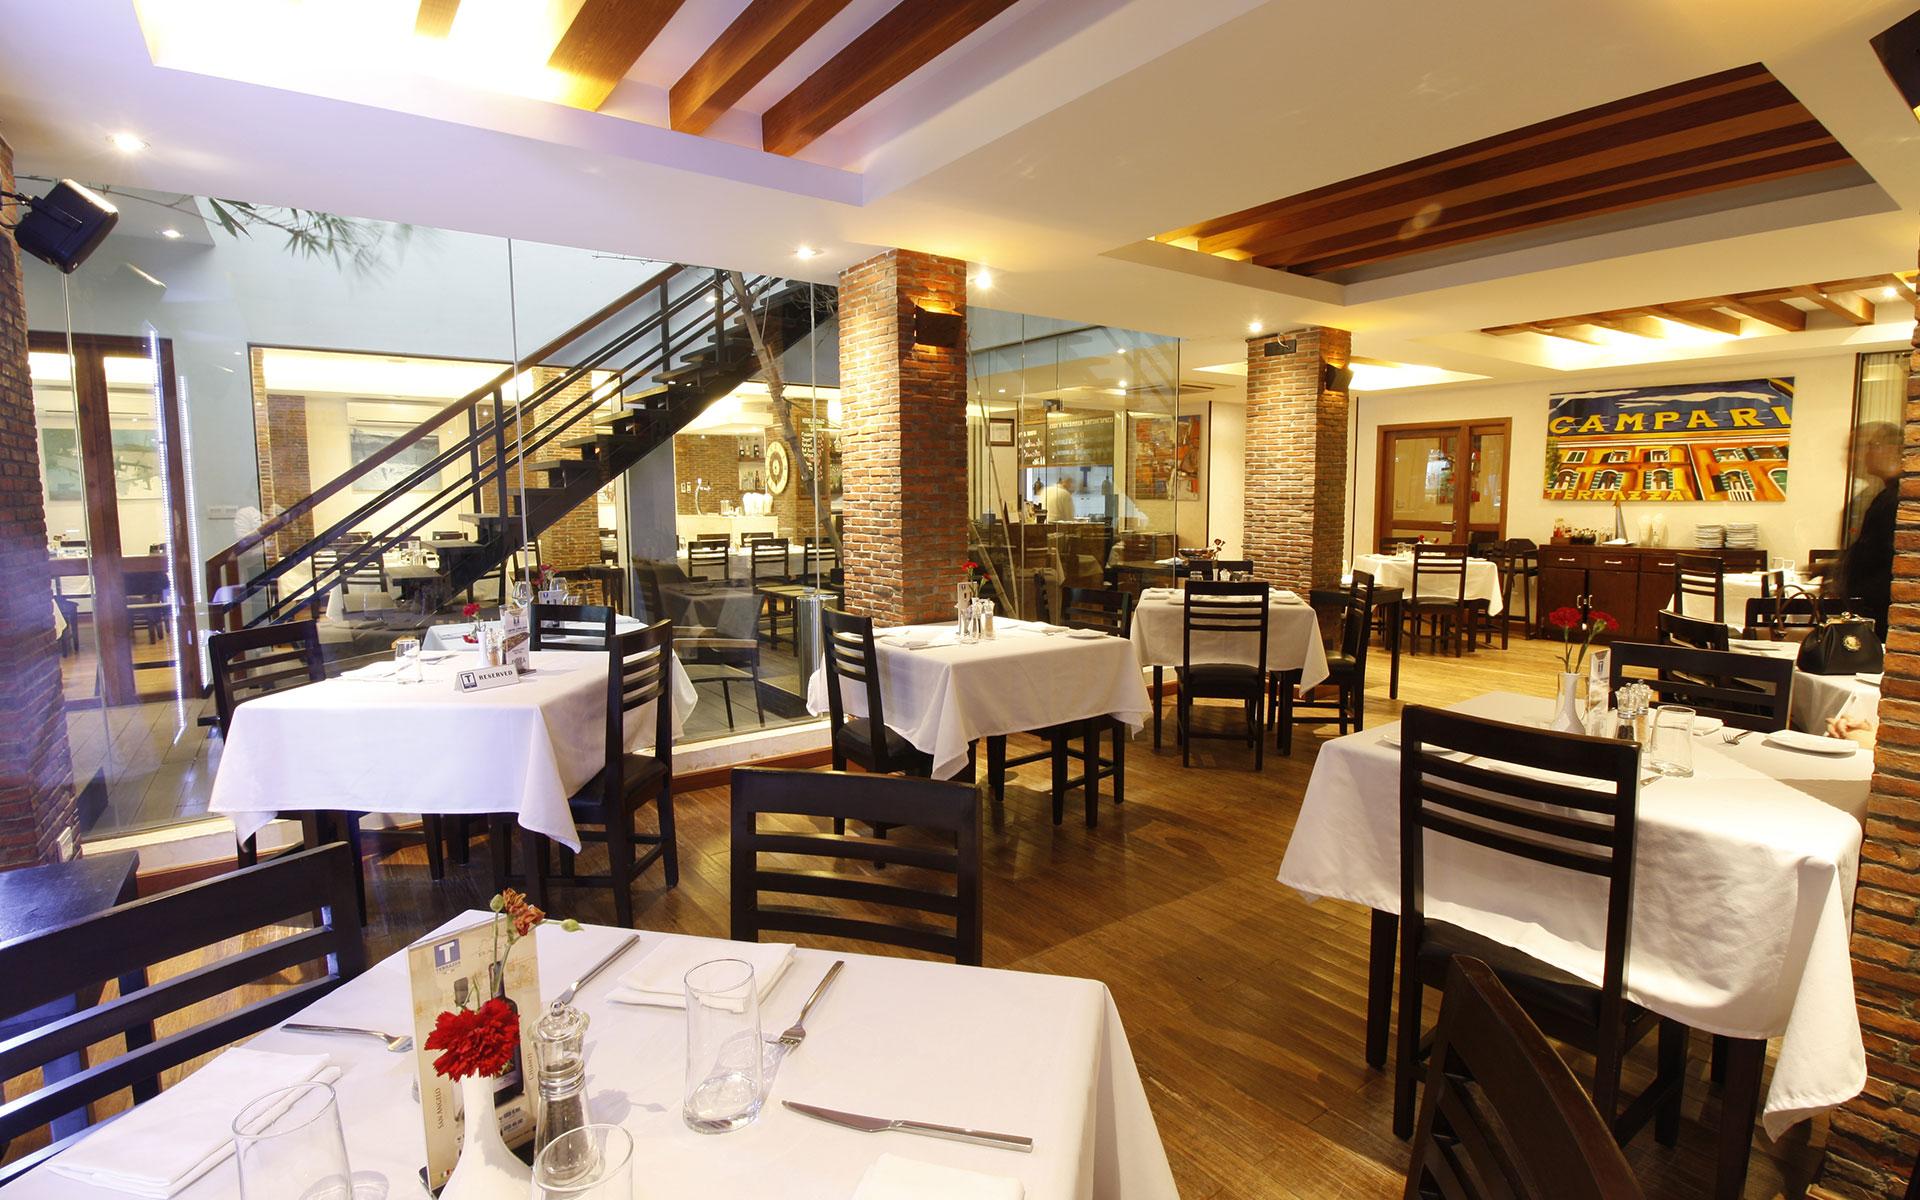 Terraza Restaurant Italian Restaurant